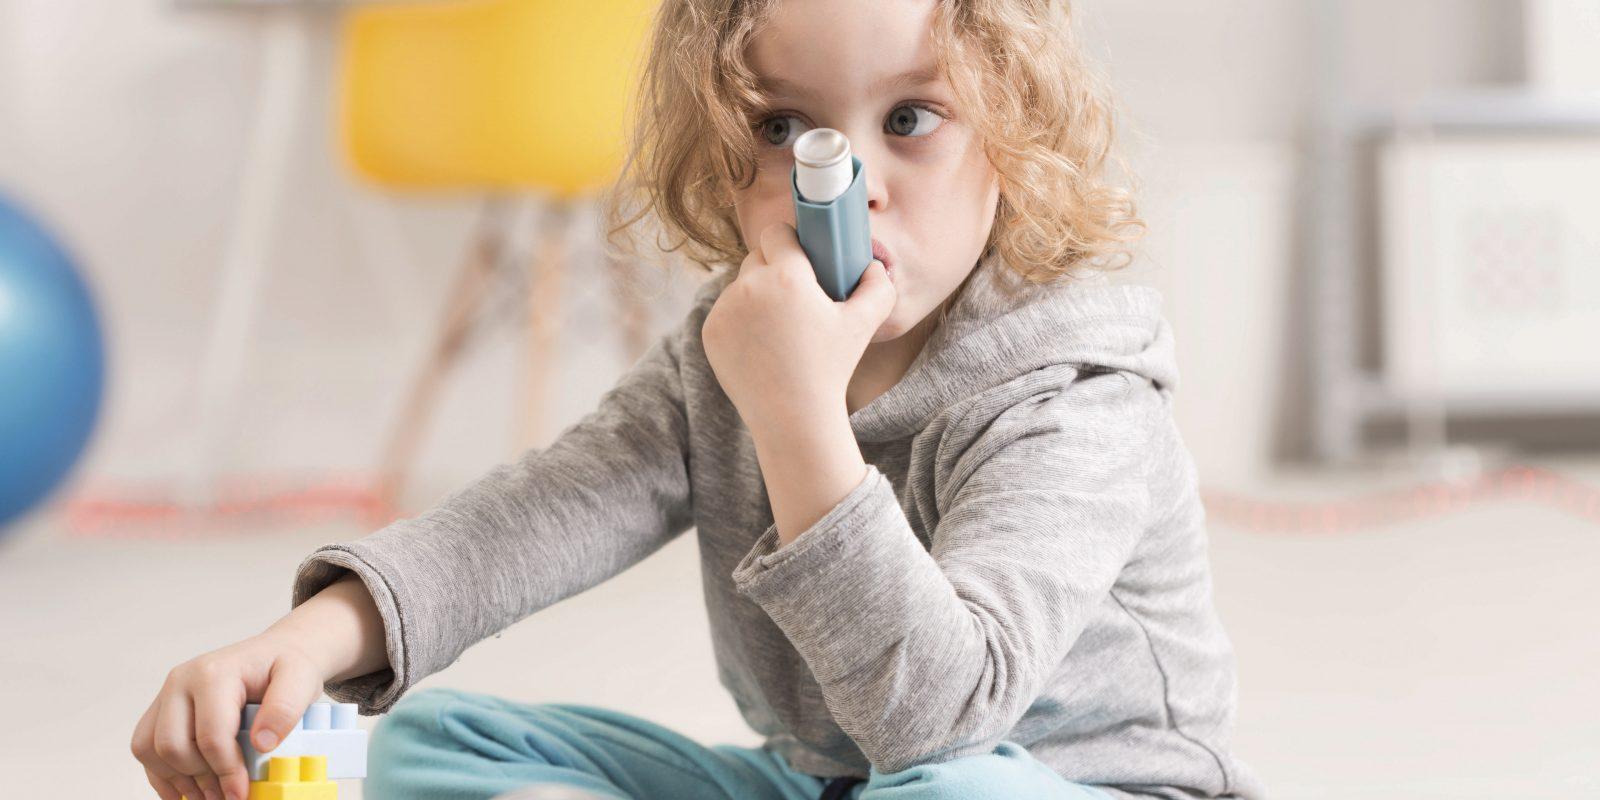 El asma es la enfermedad más prevalente en la infancia